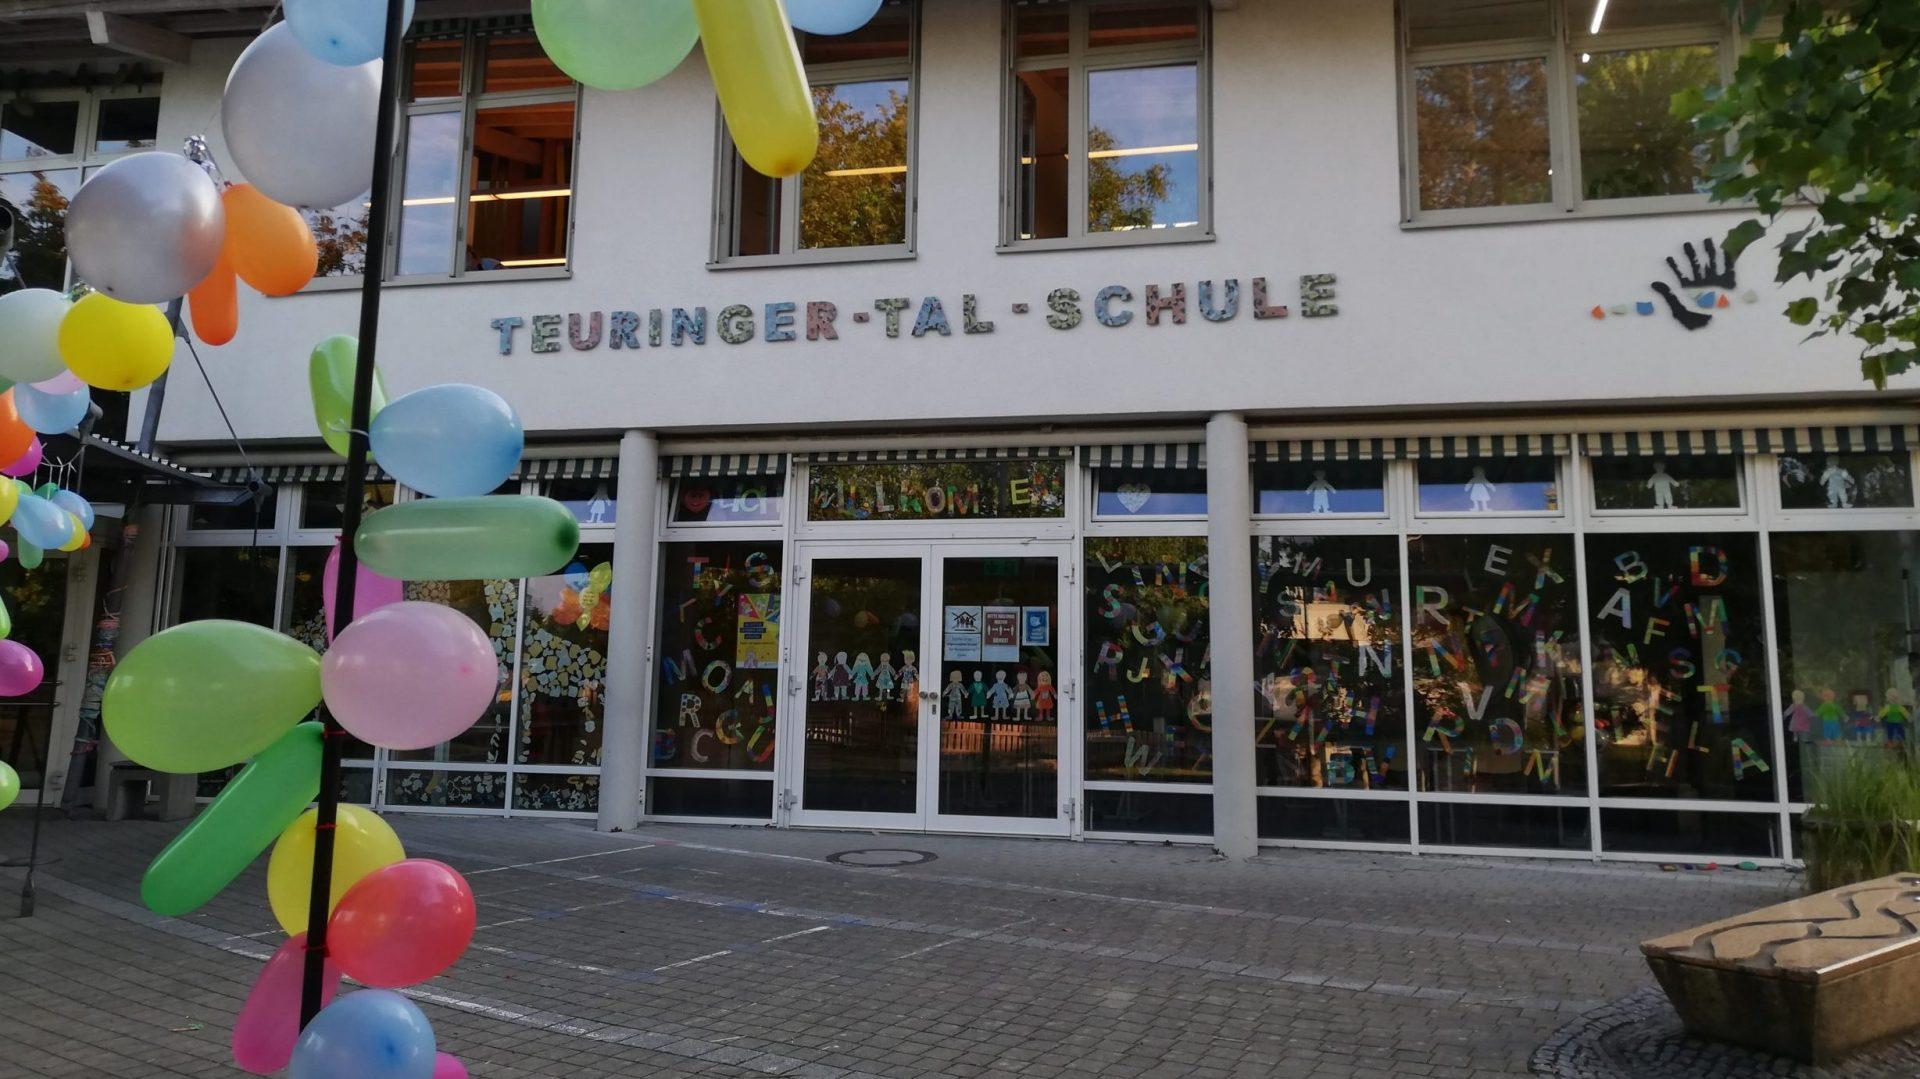 Förderverein Teuringer-Tal-Schule e.V.